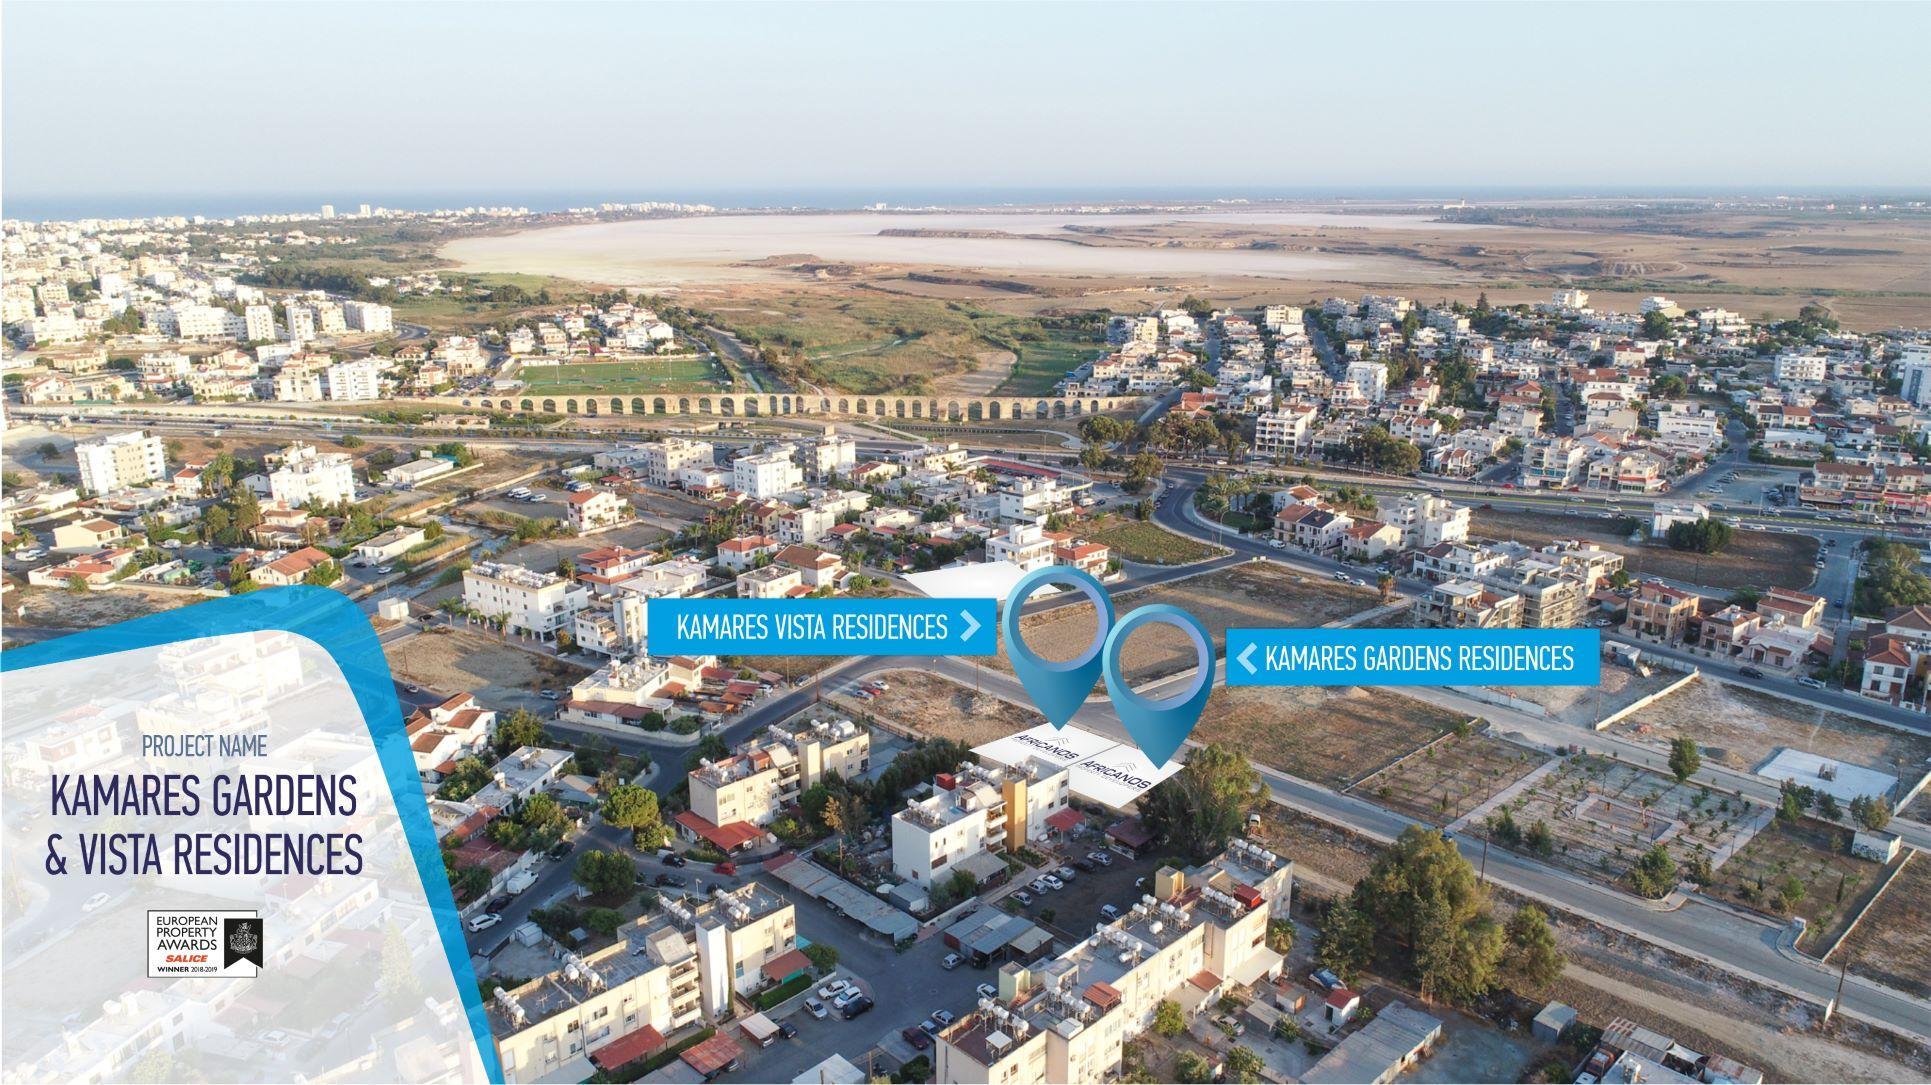 KAMARES VISTA RESIDENCES: жилой комплекс в Ларнаке с видом на Солёное озеро